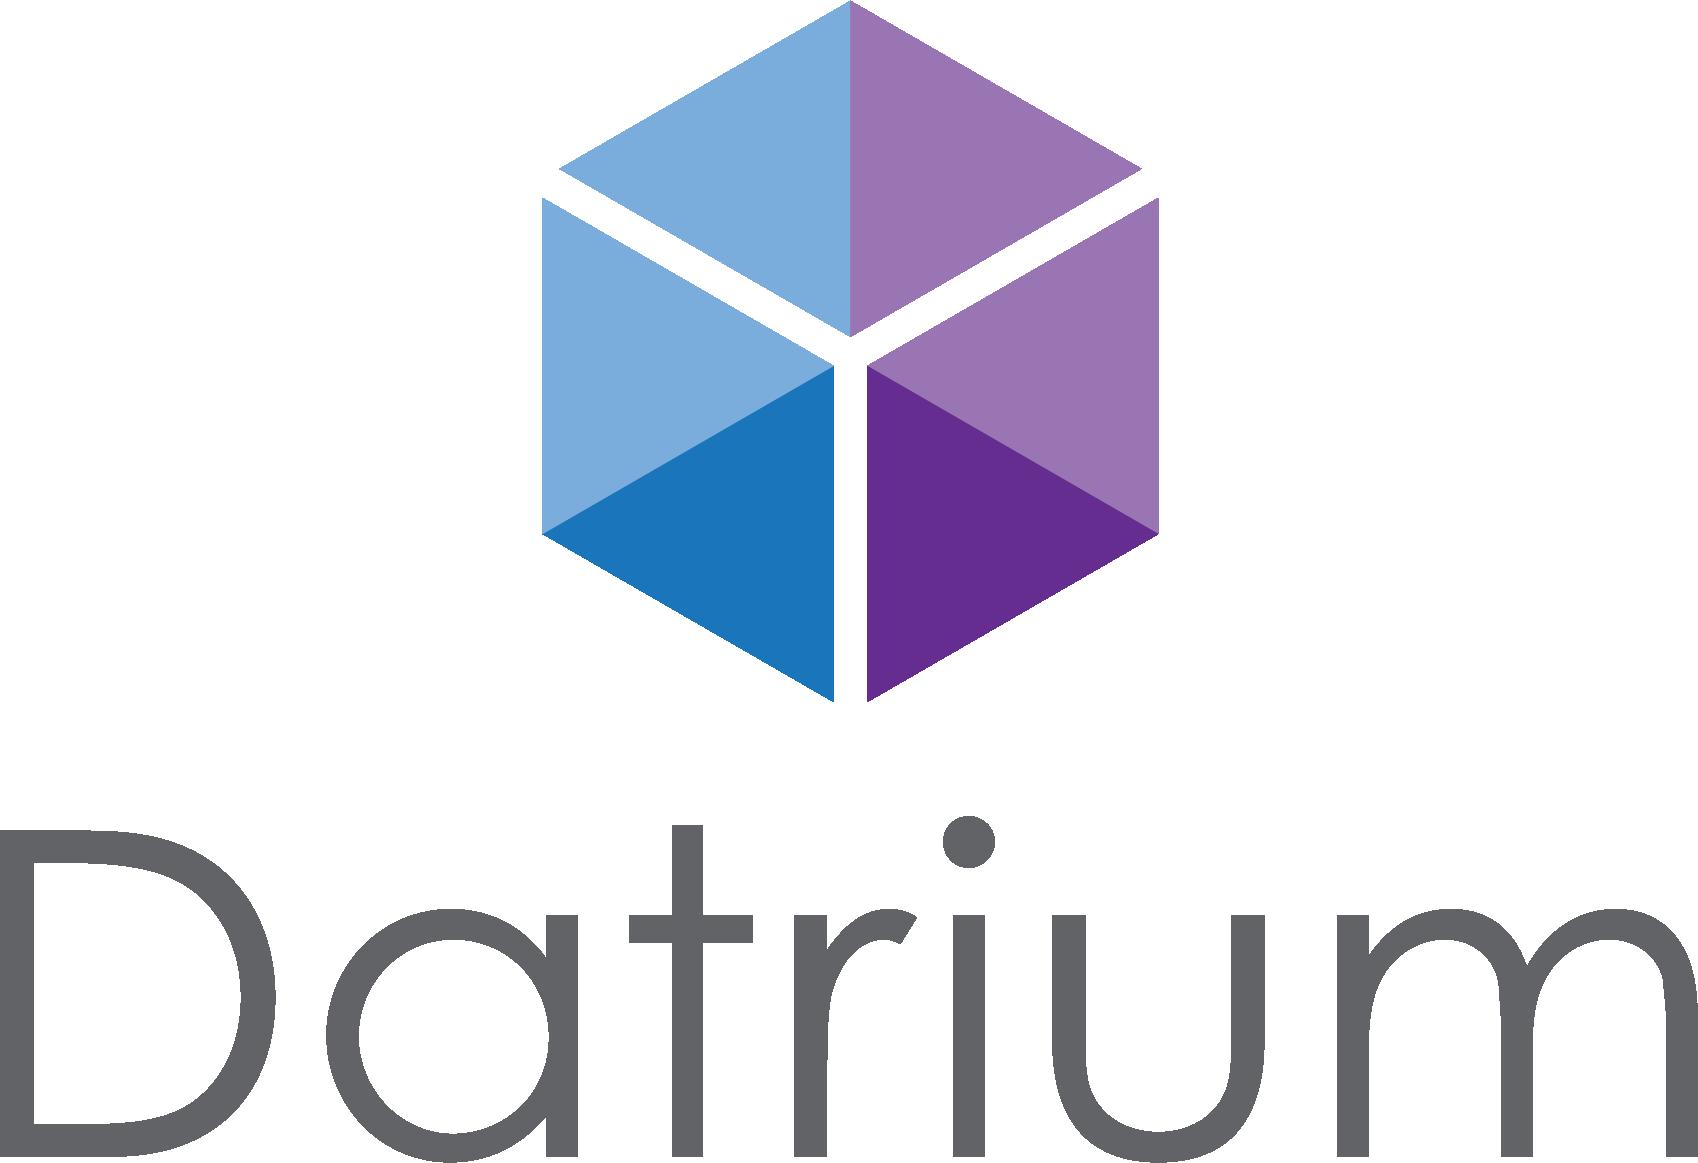 datrium-logo3clr-v-rgb-logo_1.png